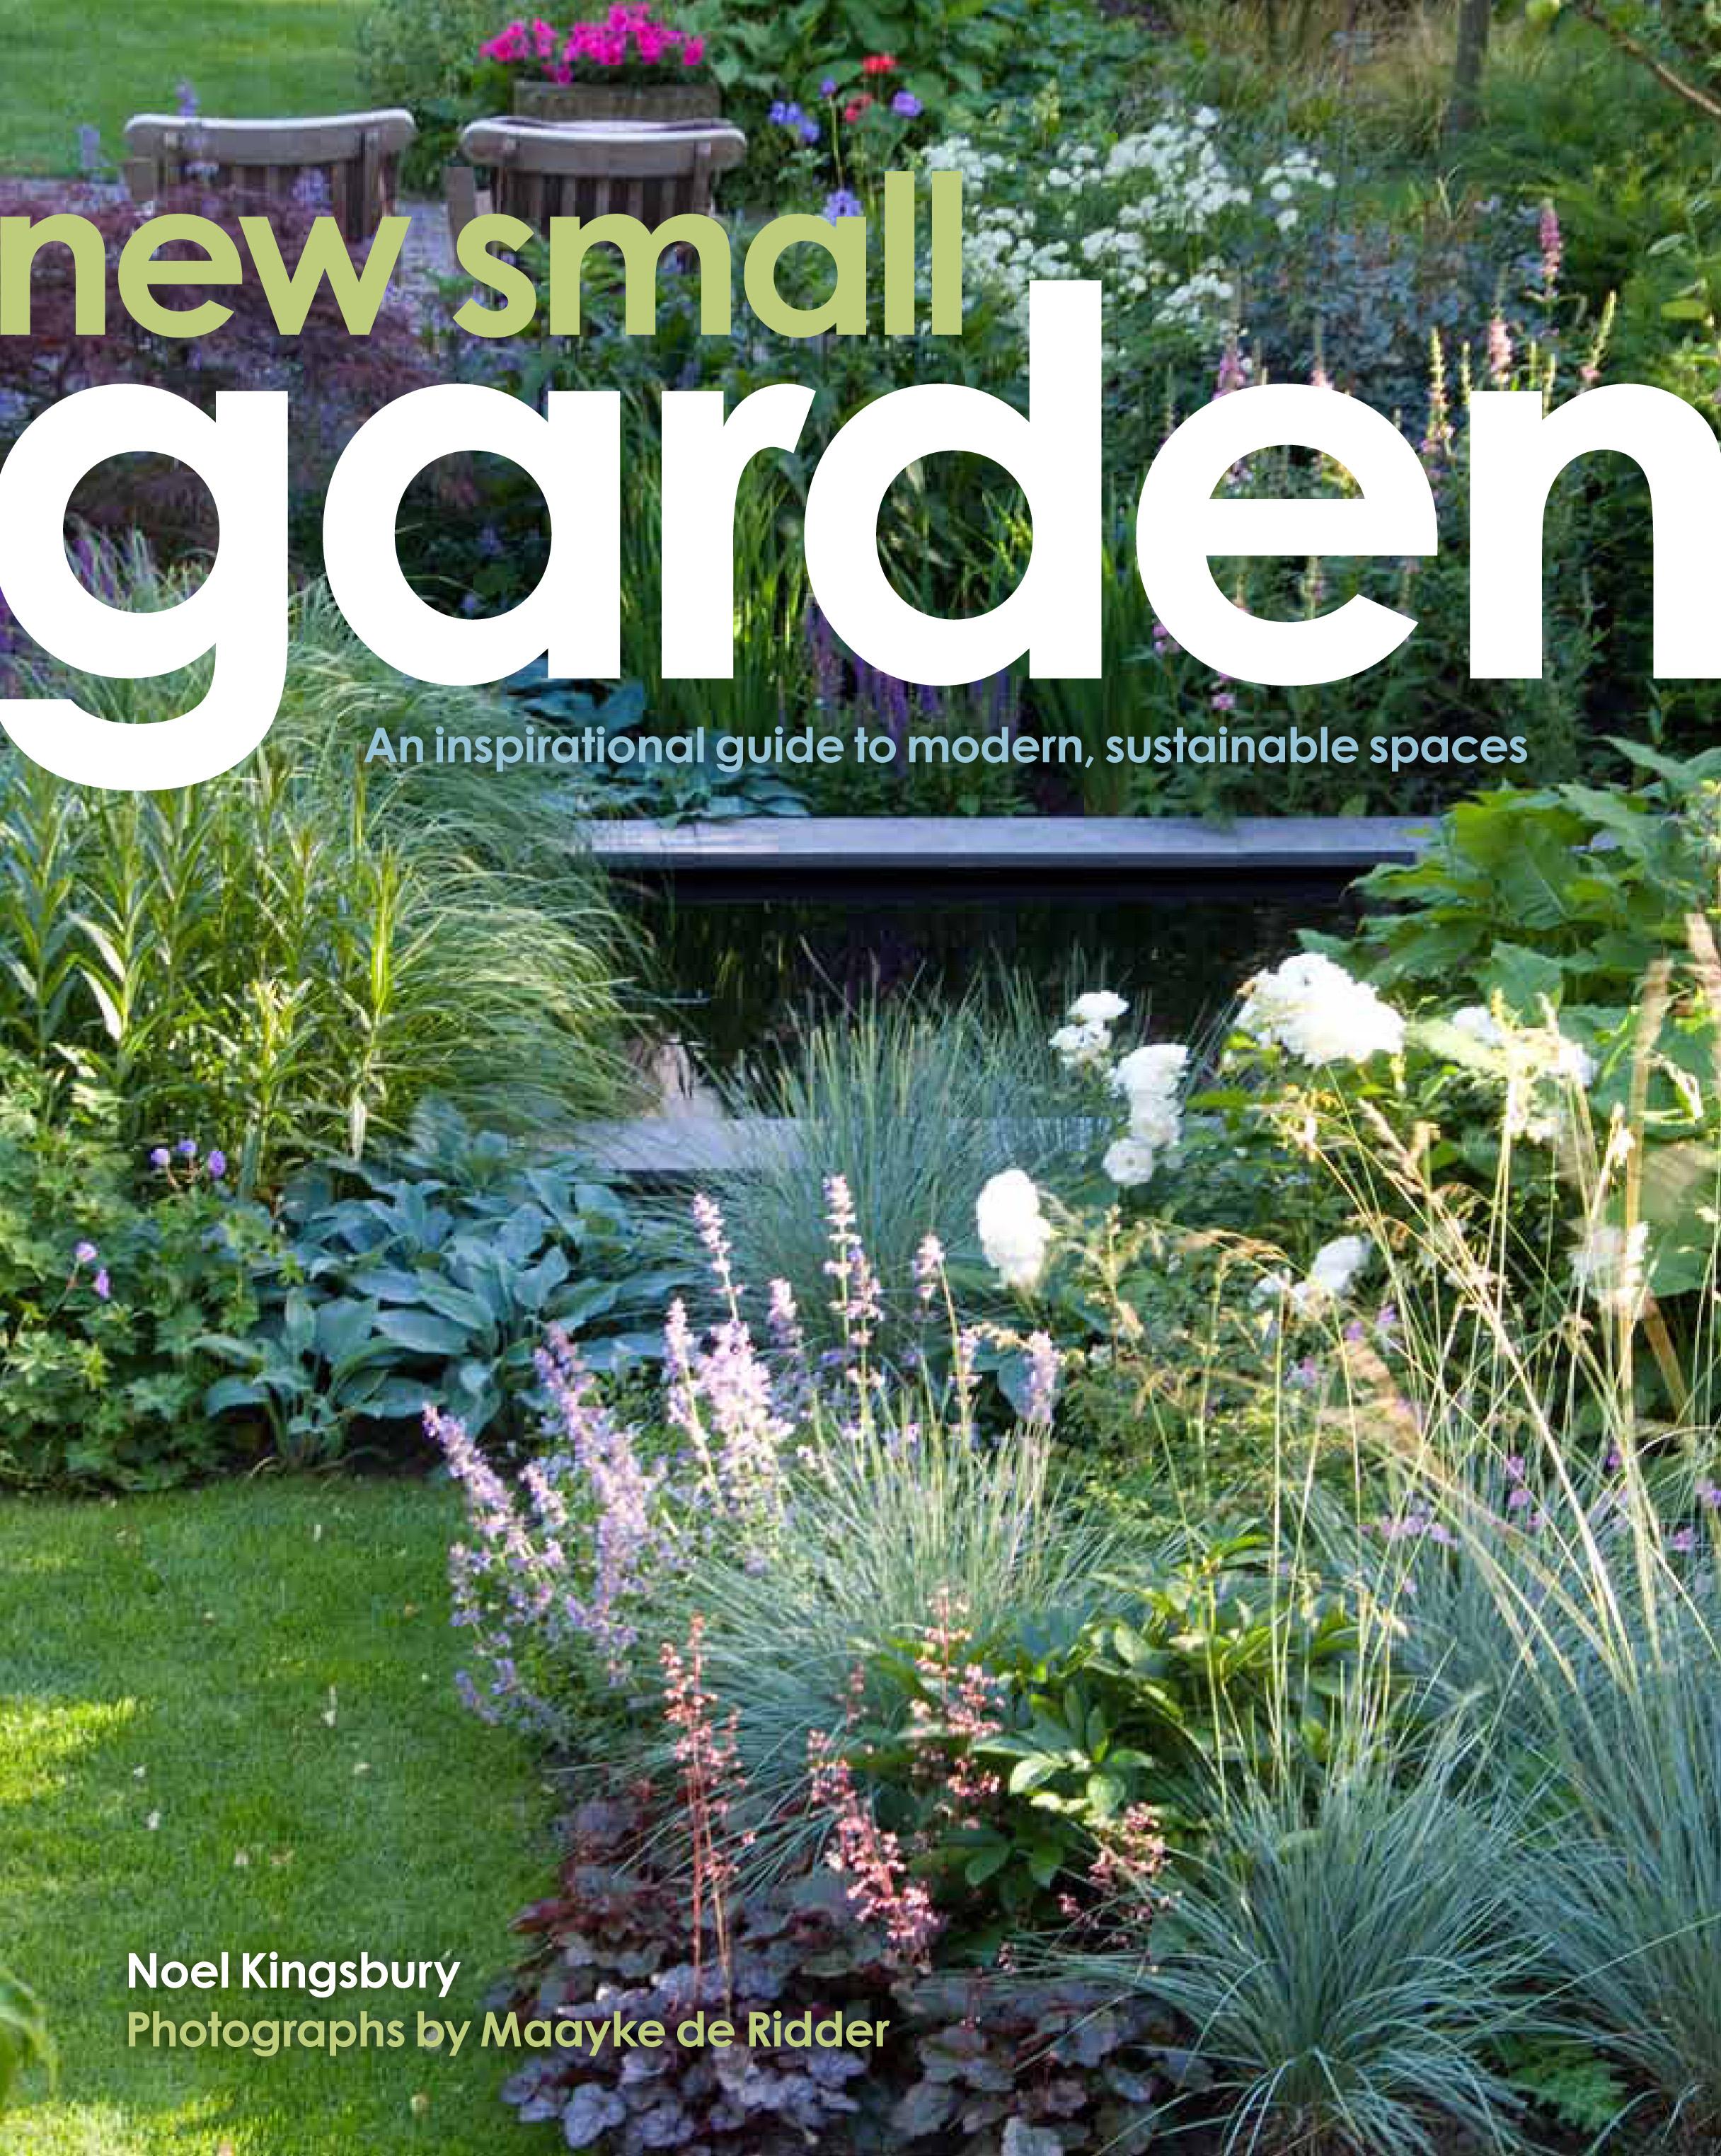 new small garden by noel kingsbury and maayke de ridder